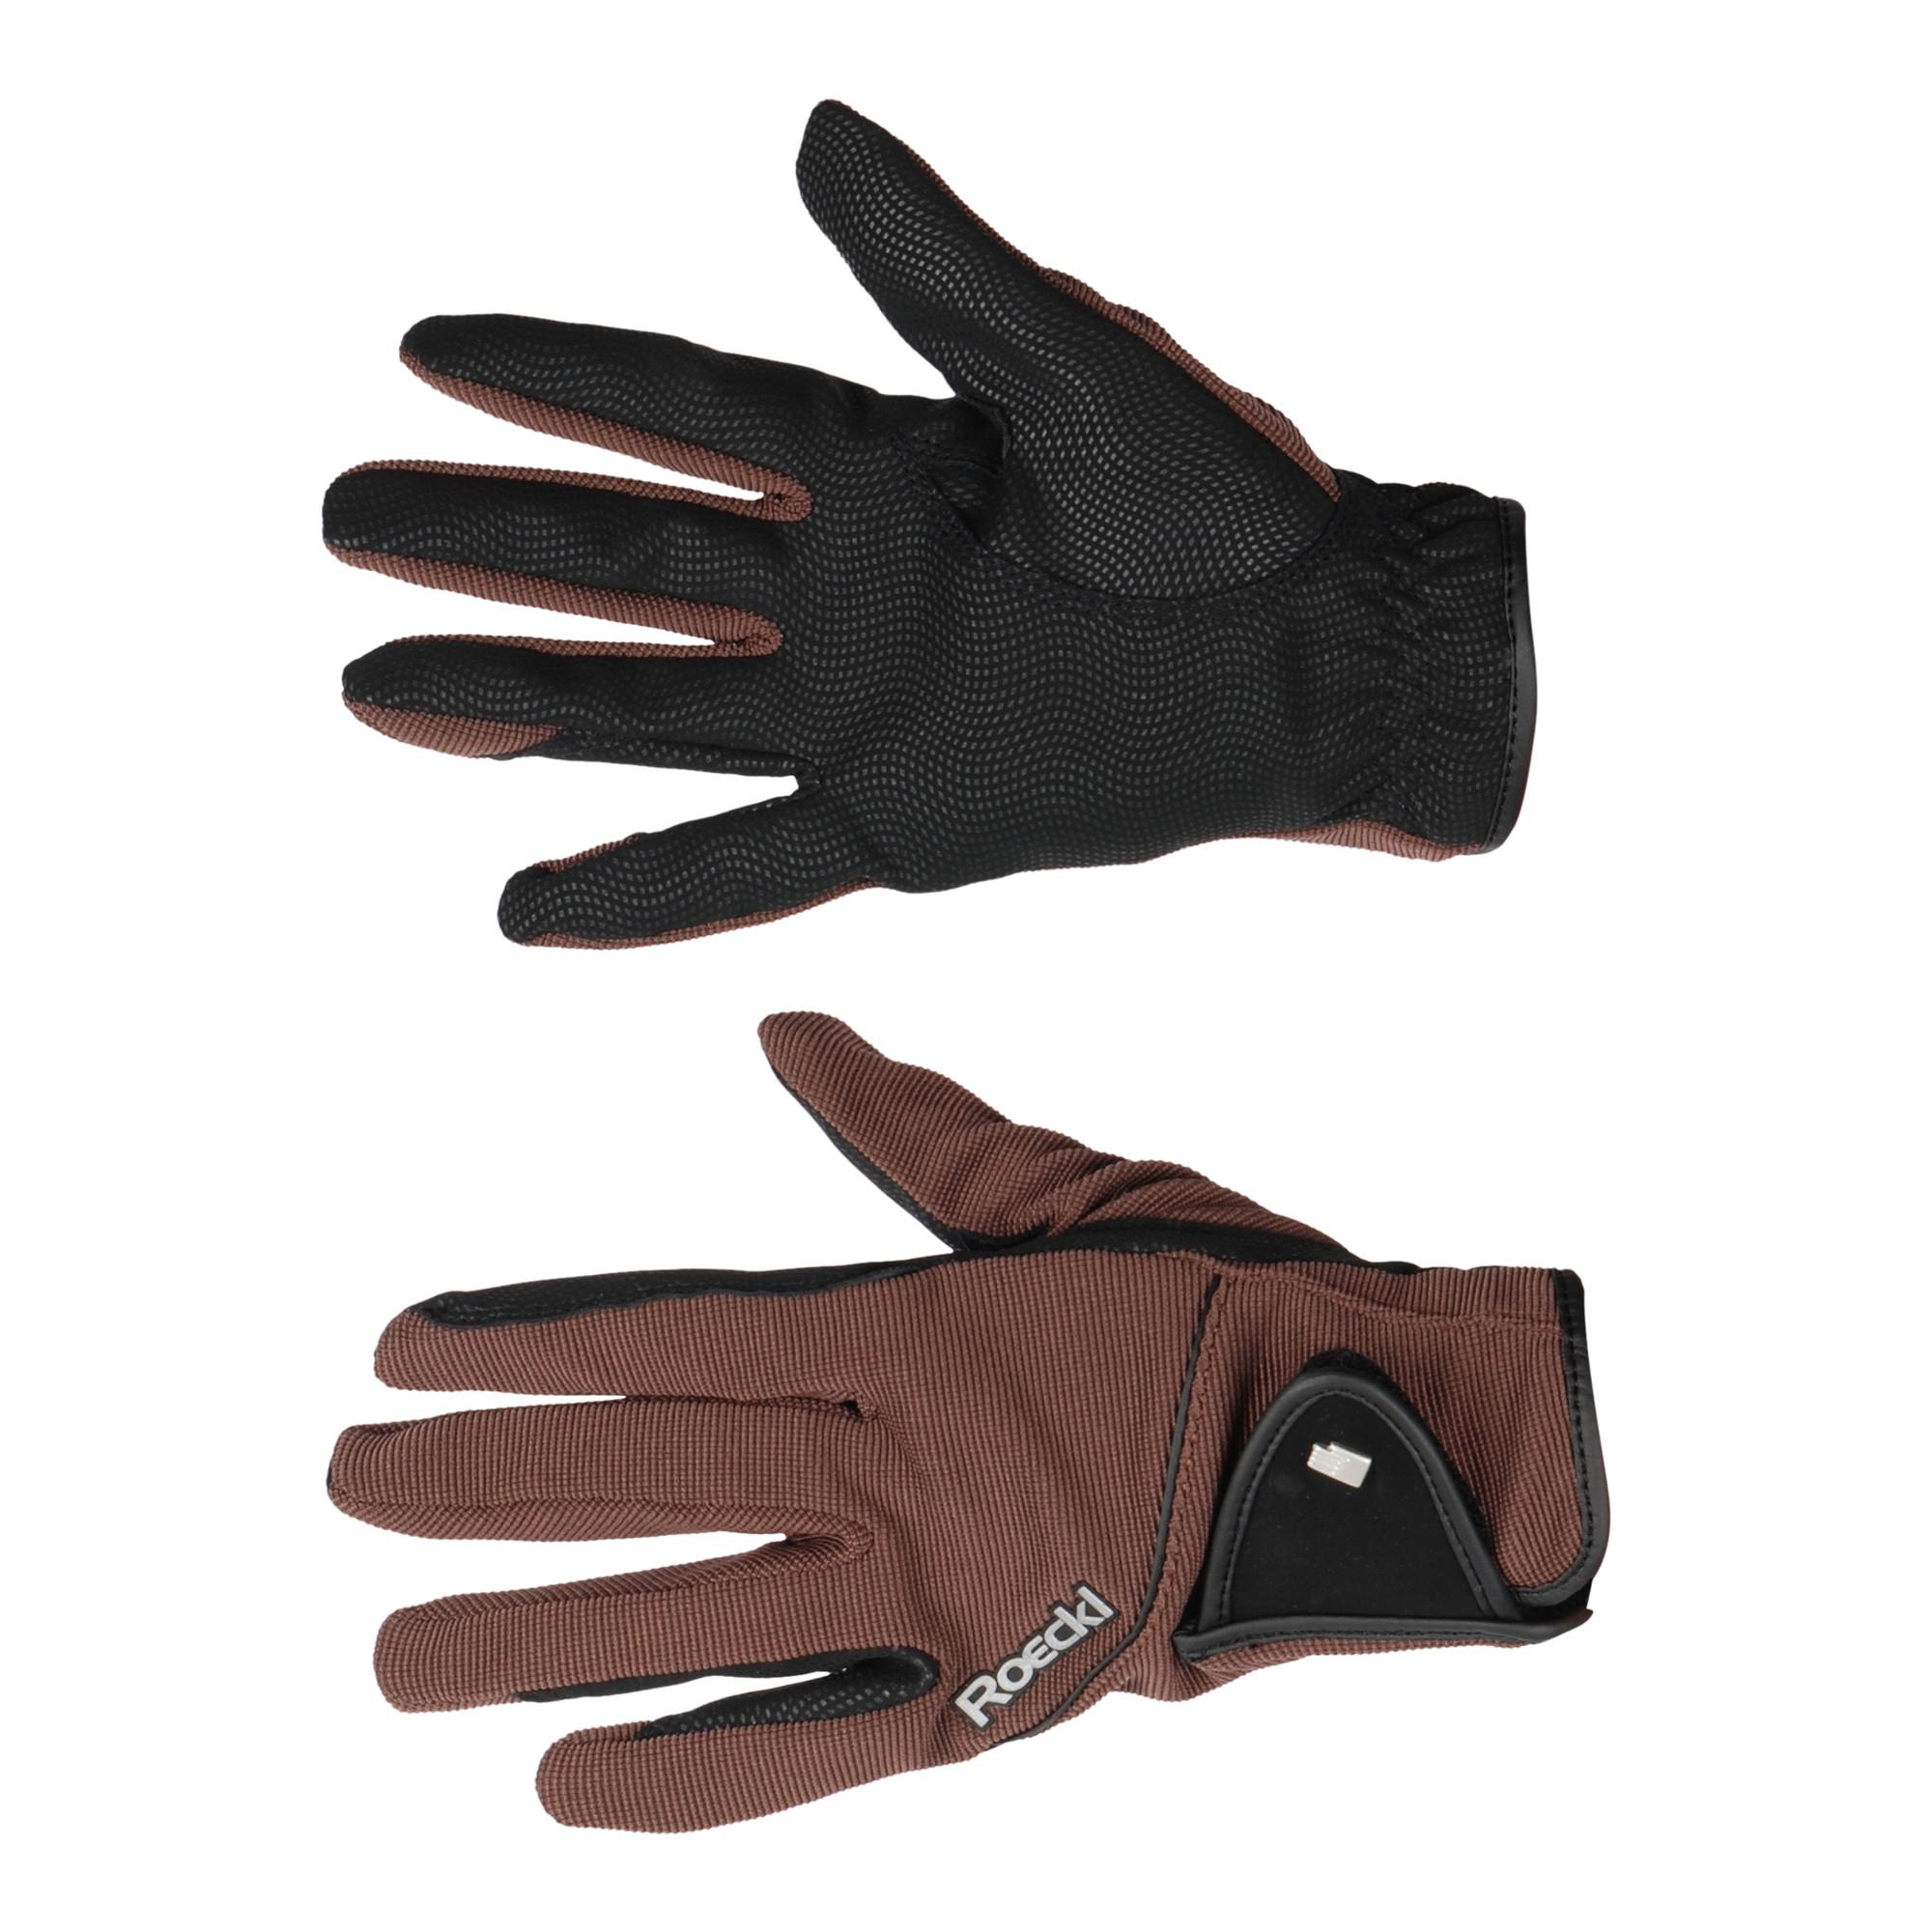 Roeckl Milano handschoenen donkerbruin maat:9